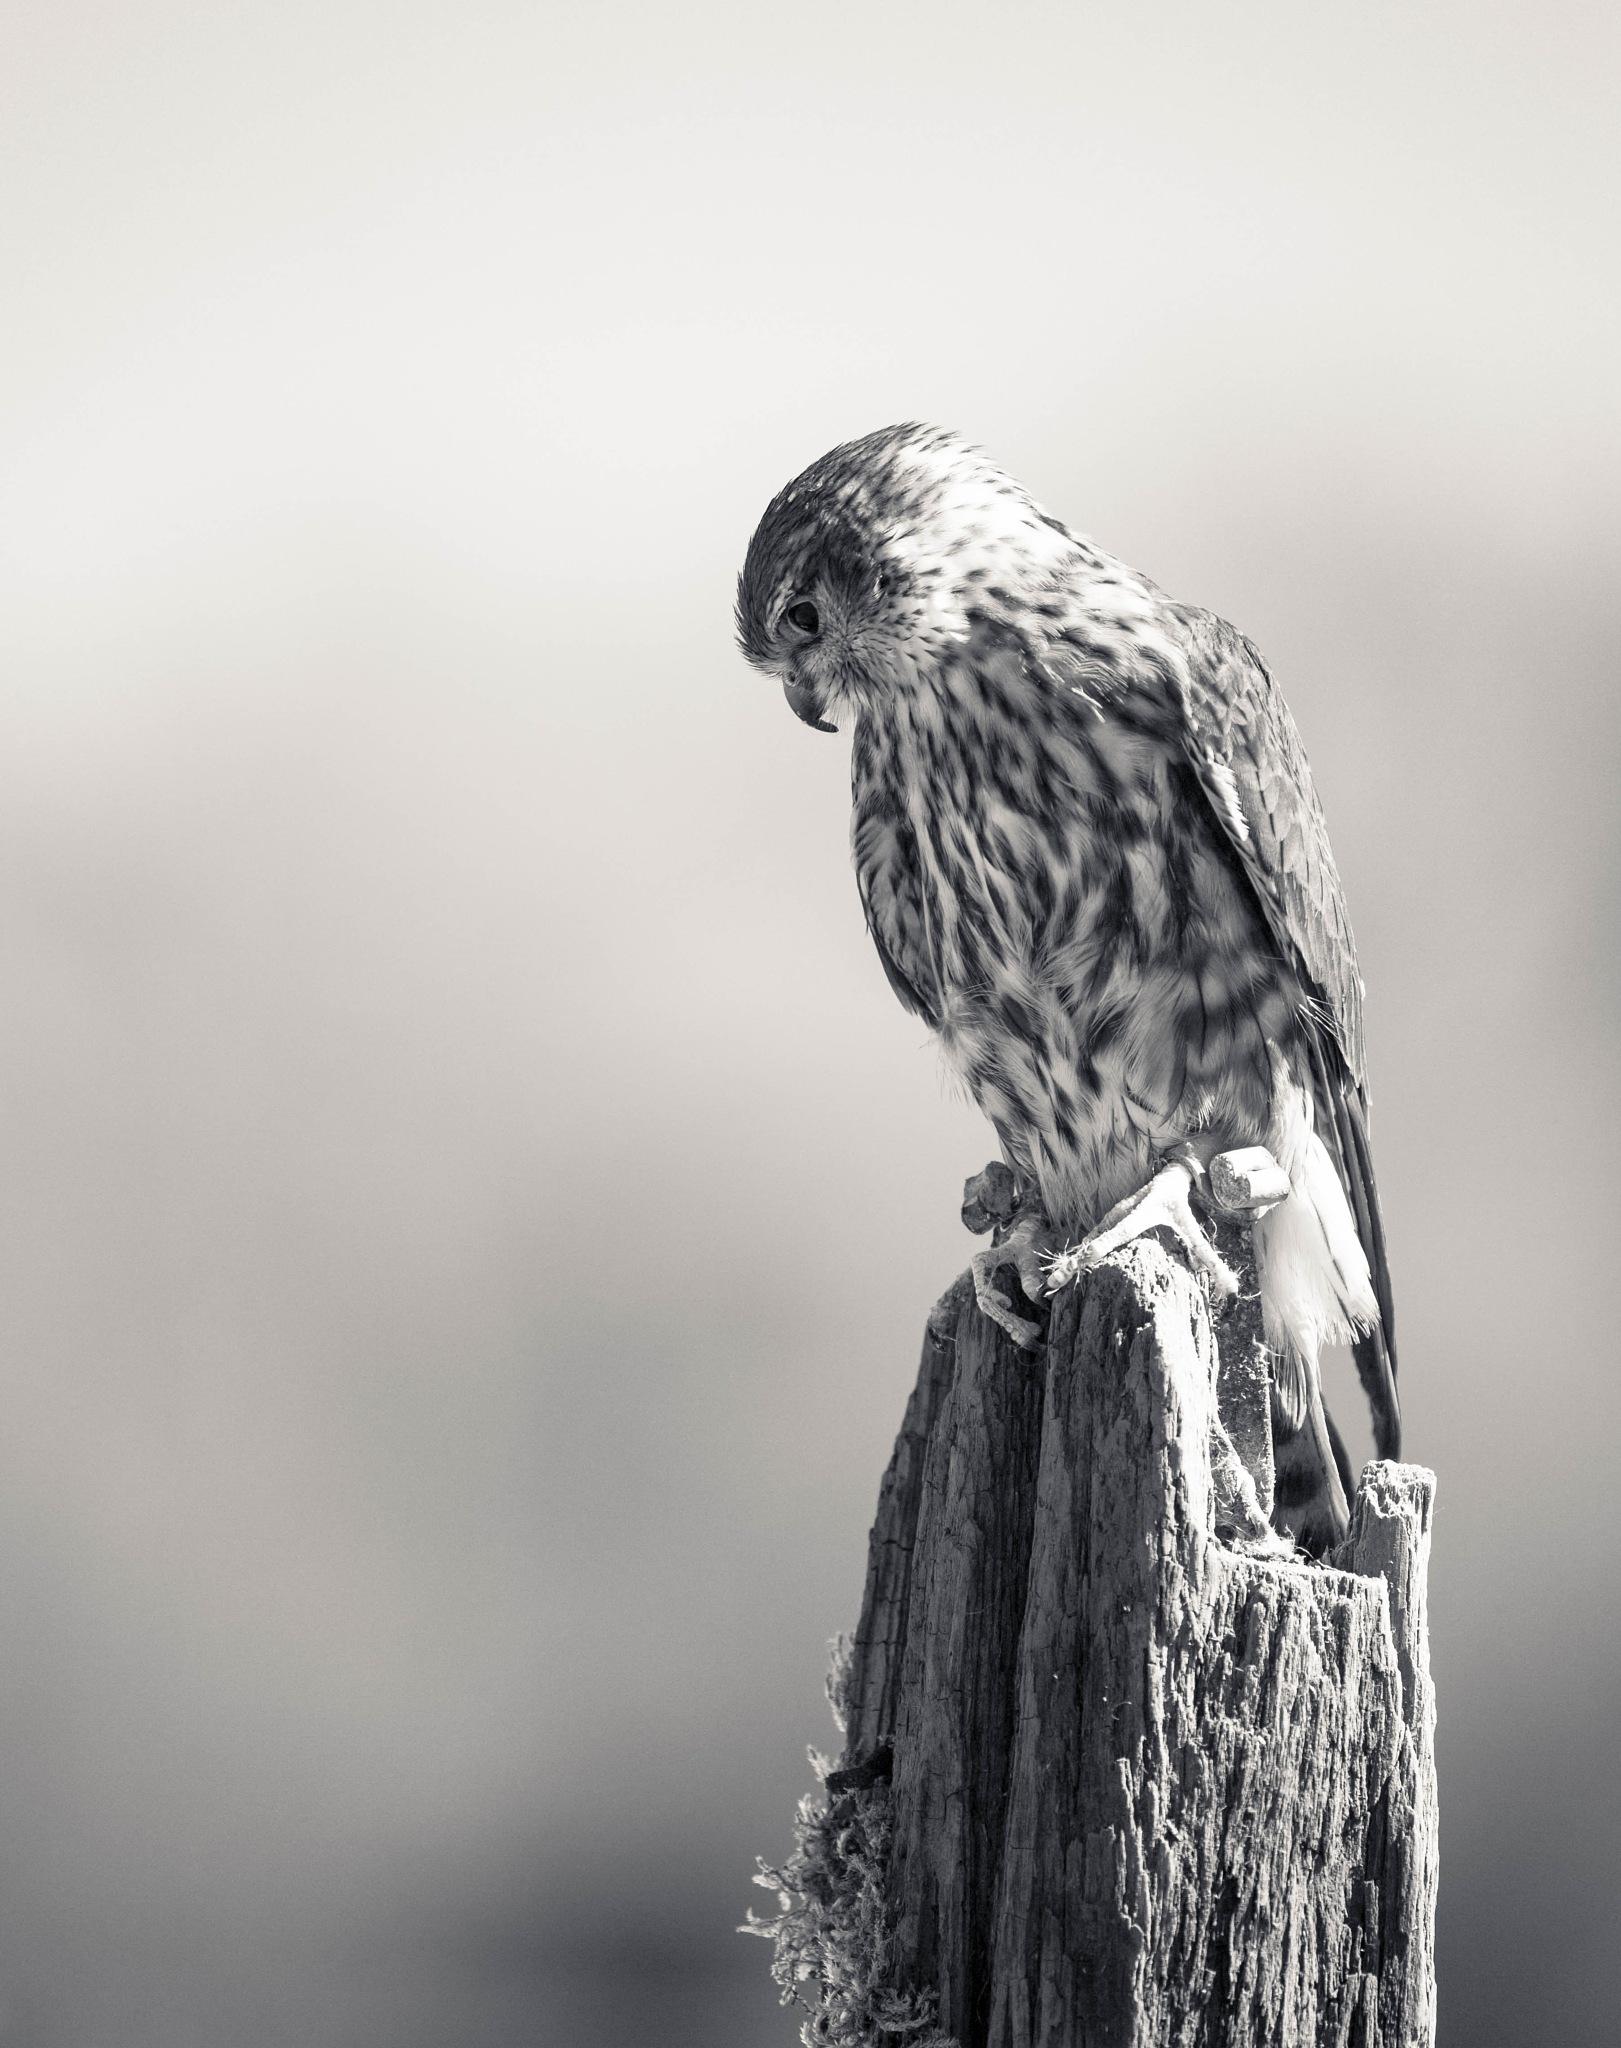 Merlin by Sarah Walters